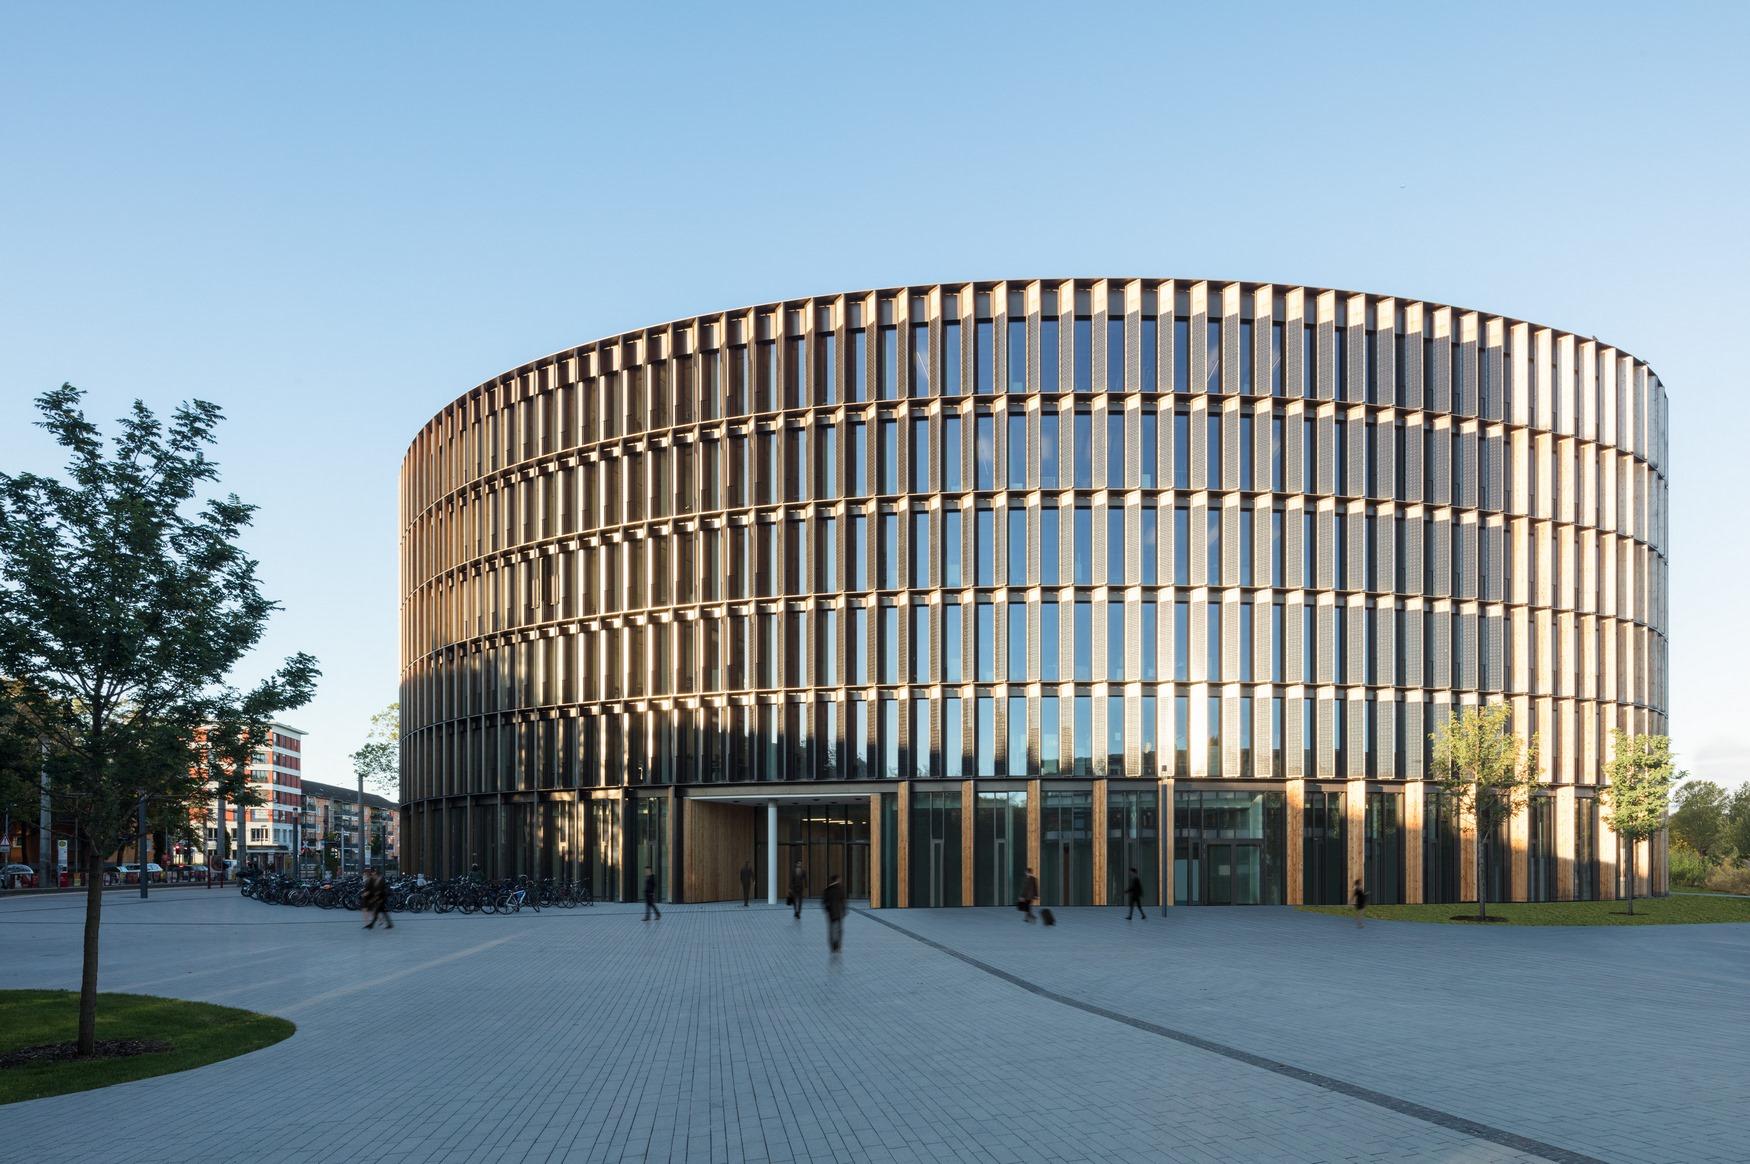 Centro de administración y guardería sustentable 22